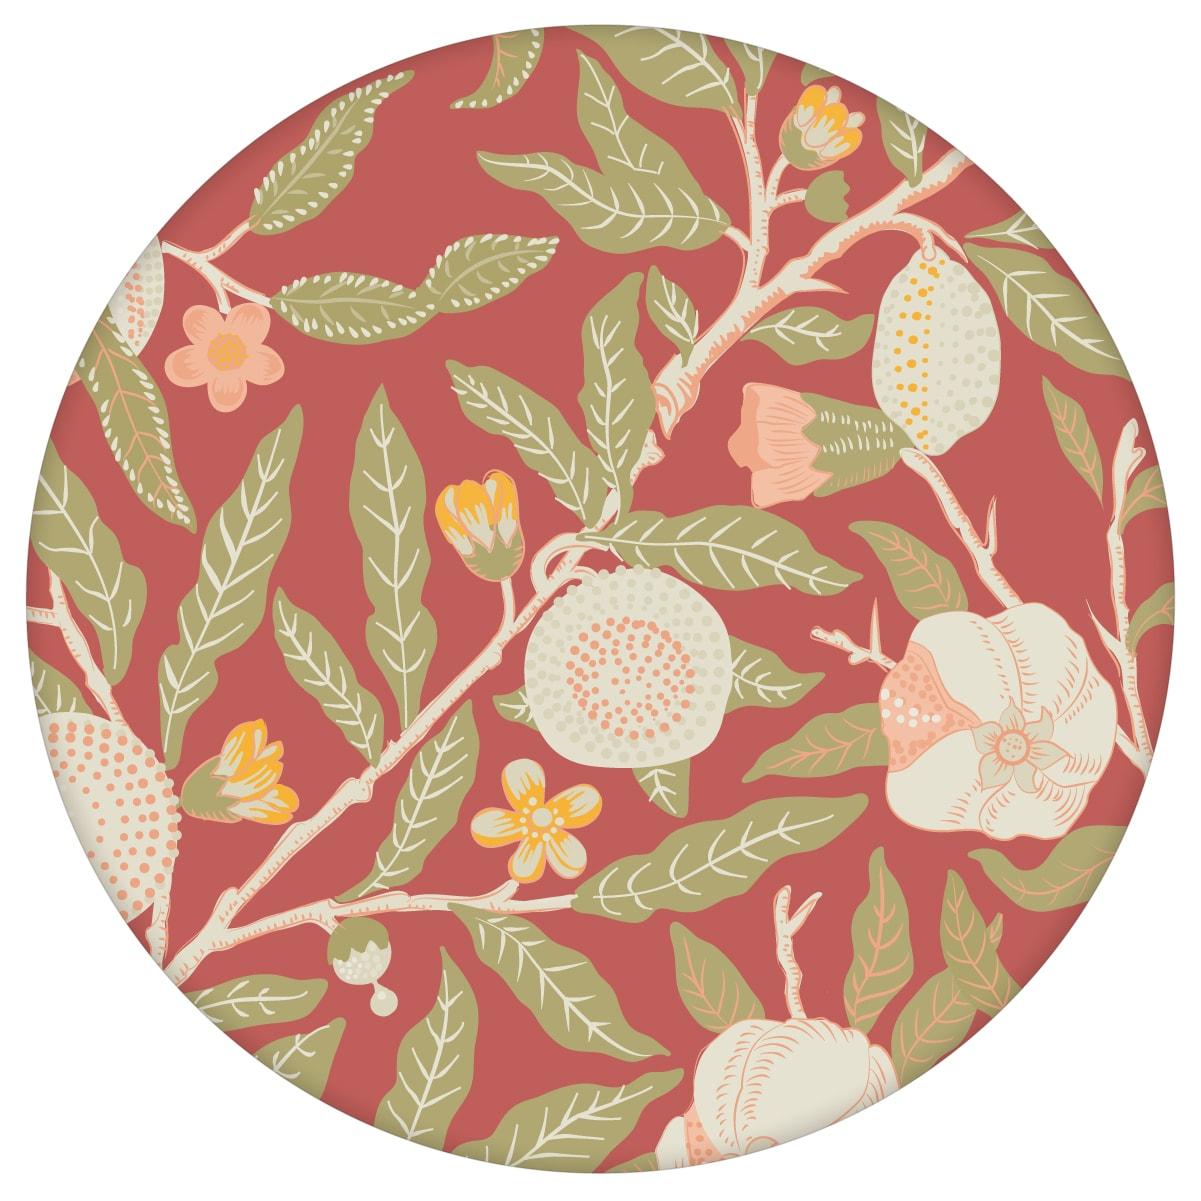 """Retro Jugendstil Tapete """"Granatapfel Baum"""" nach William Morris, rote Vlies-Tapete Blumentapete für Schlafzimmer"""